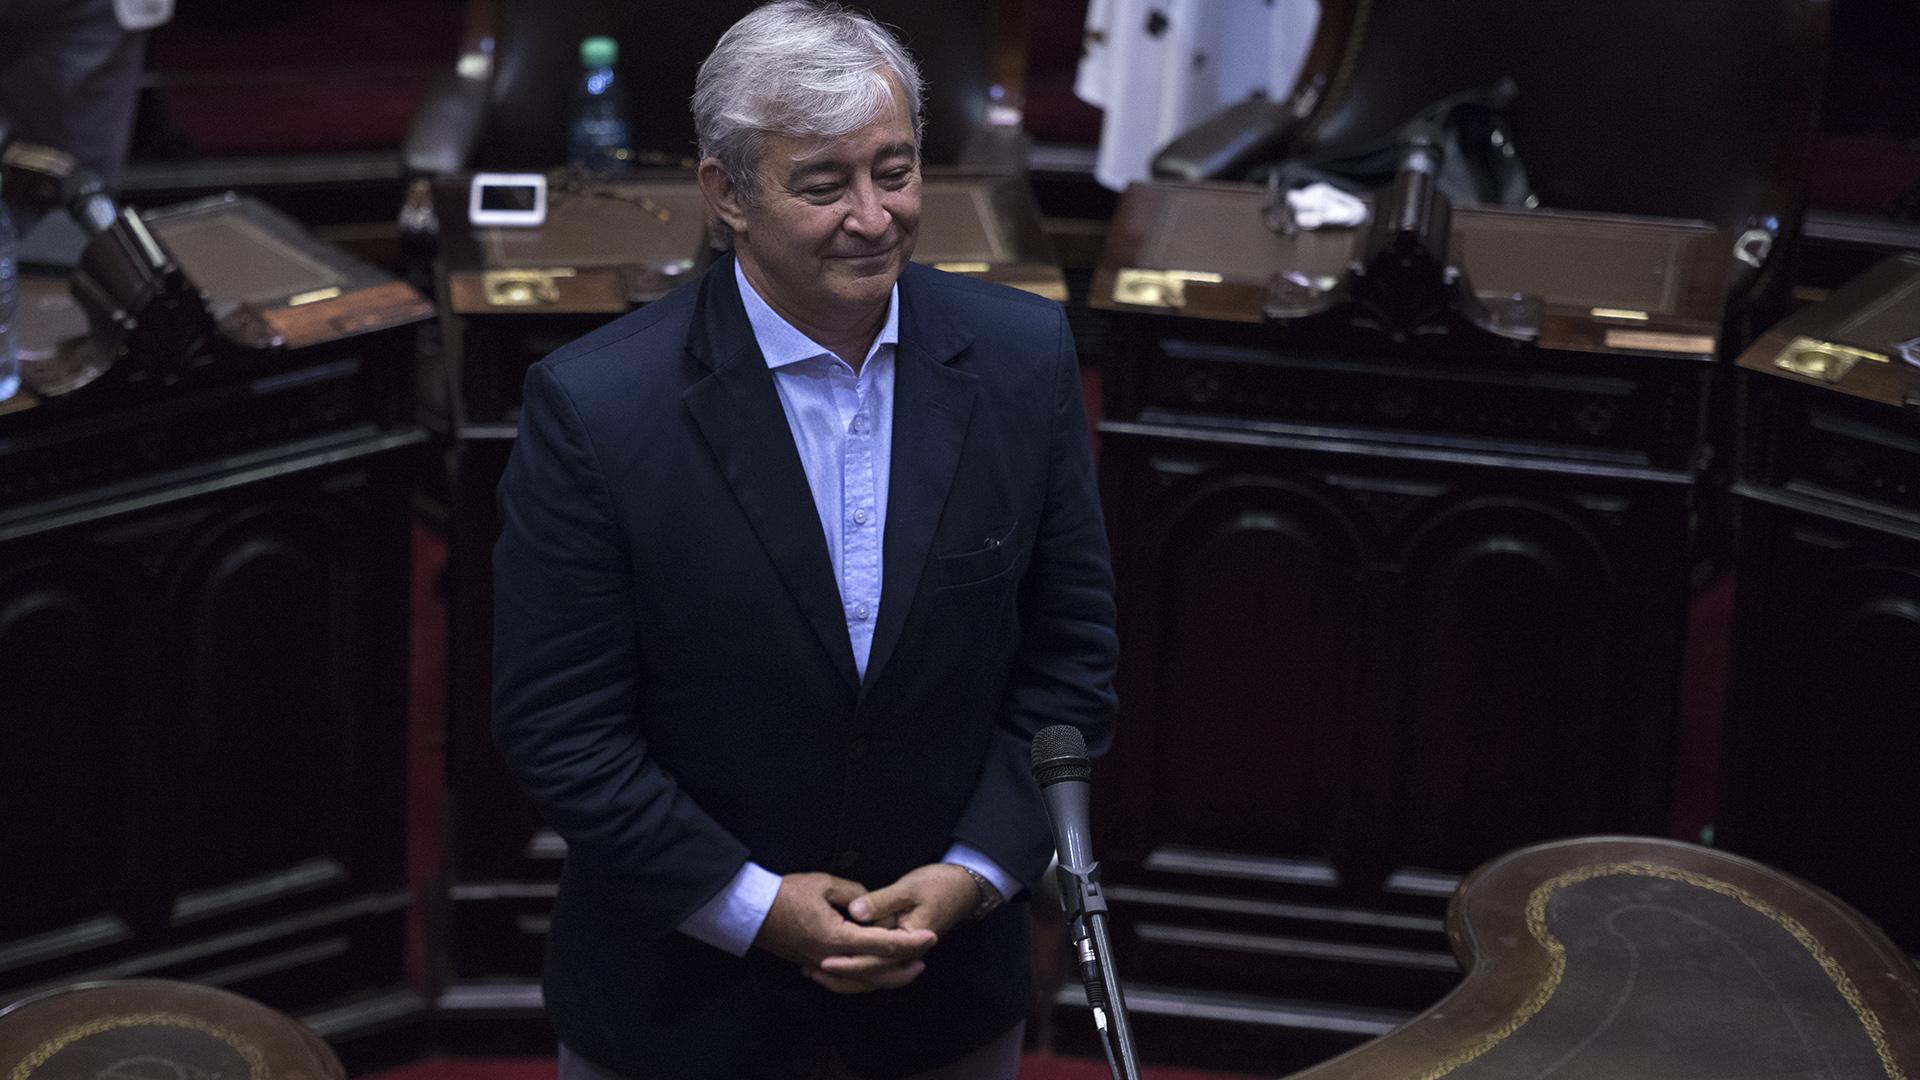 Martín Grande, de Cambiemos